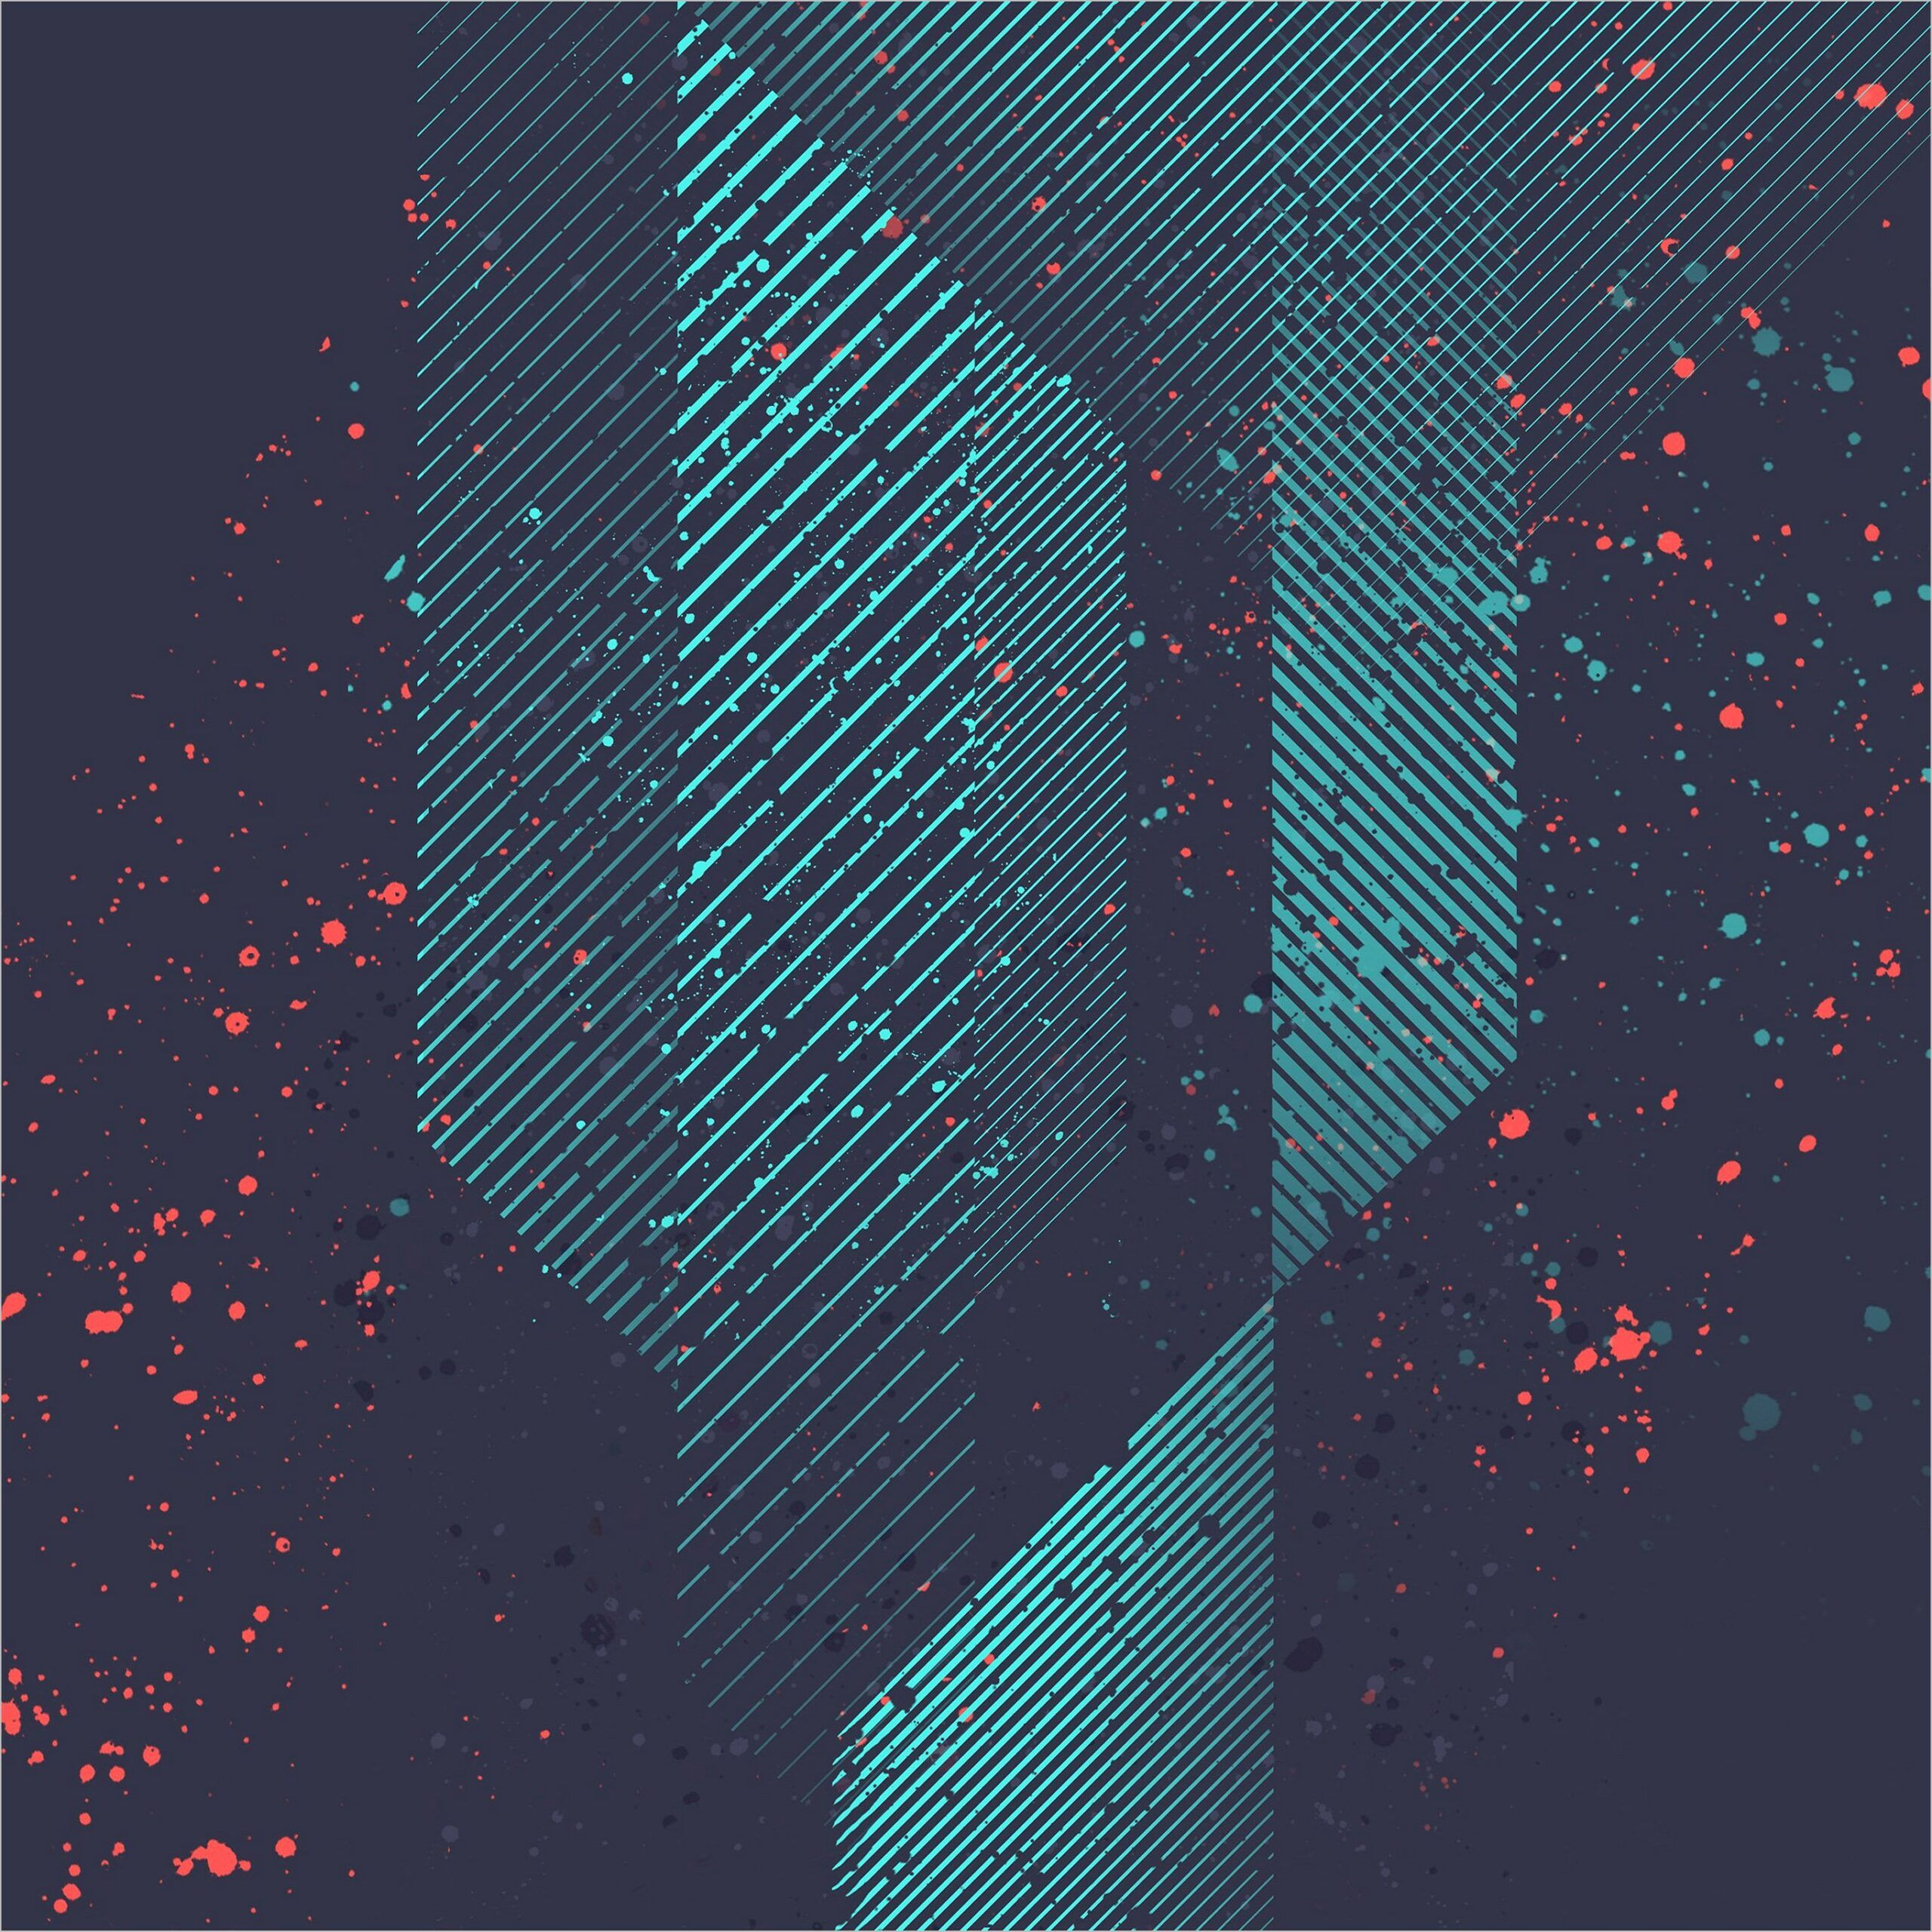 Ipad Pro Wallpaper 4k Reddit Ipad Air Wallpaper Ipad Wallpaper Retina Painting Patterns